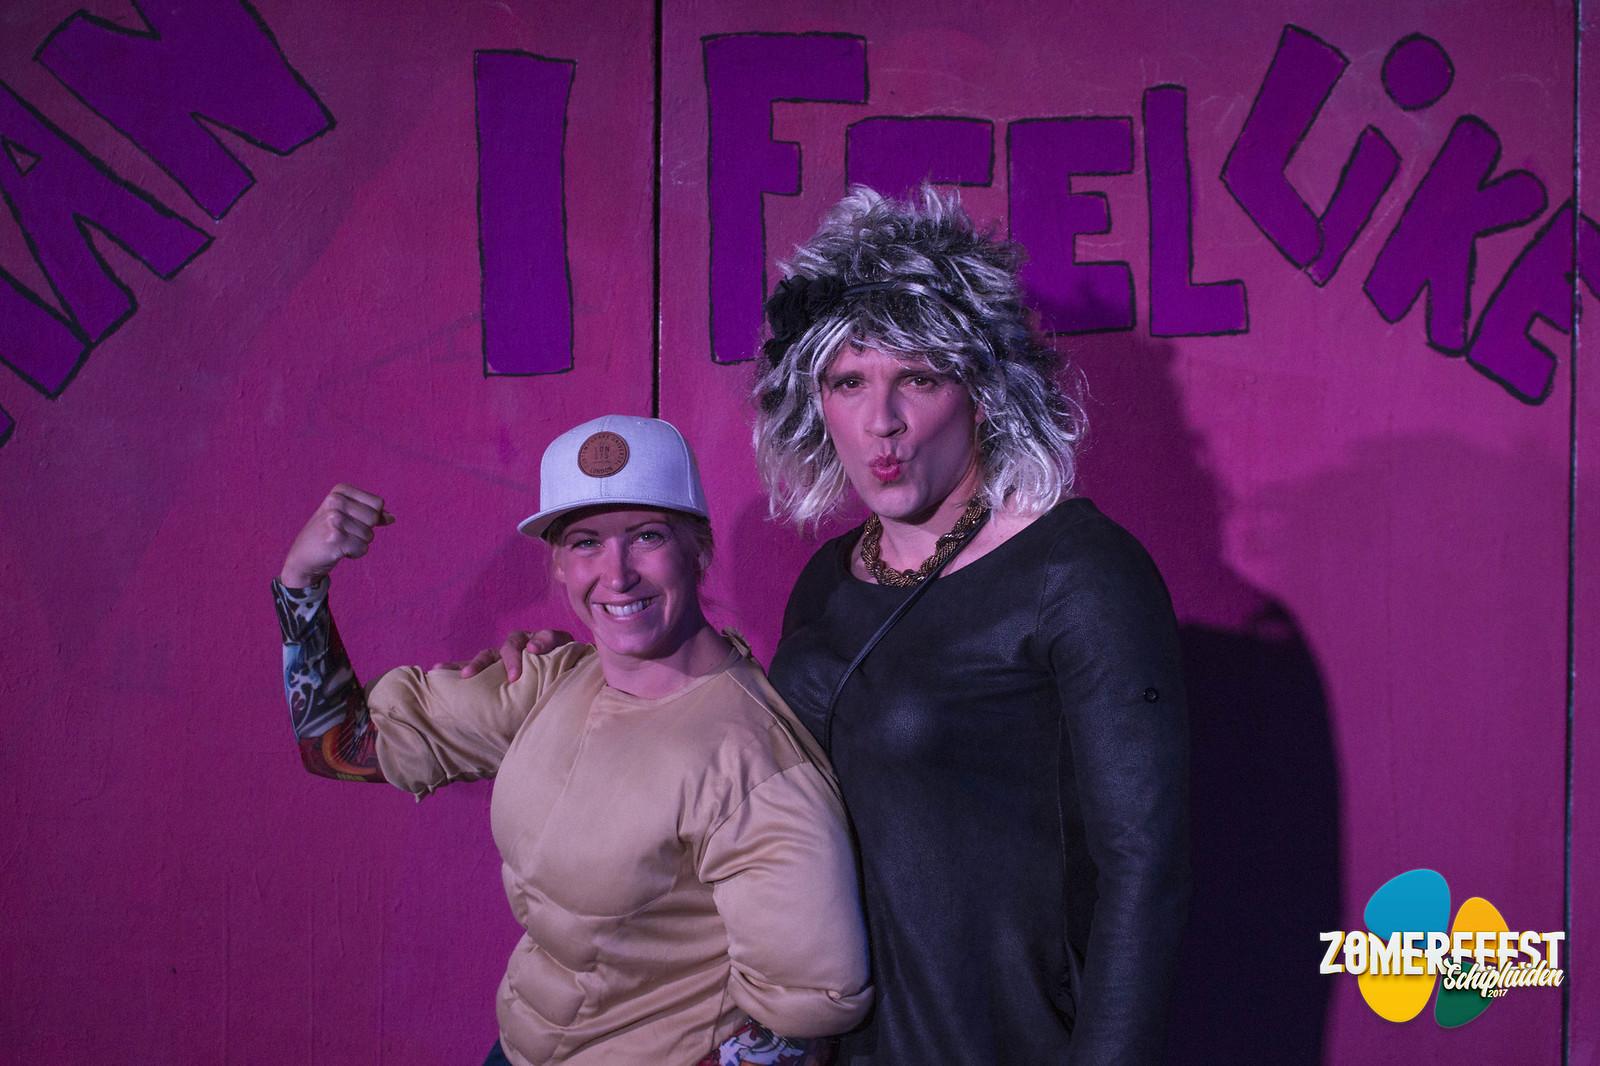 Man i feel like an woman-62